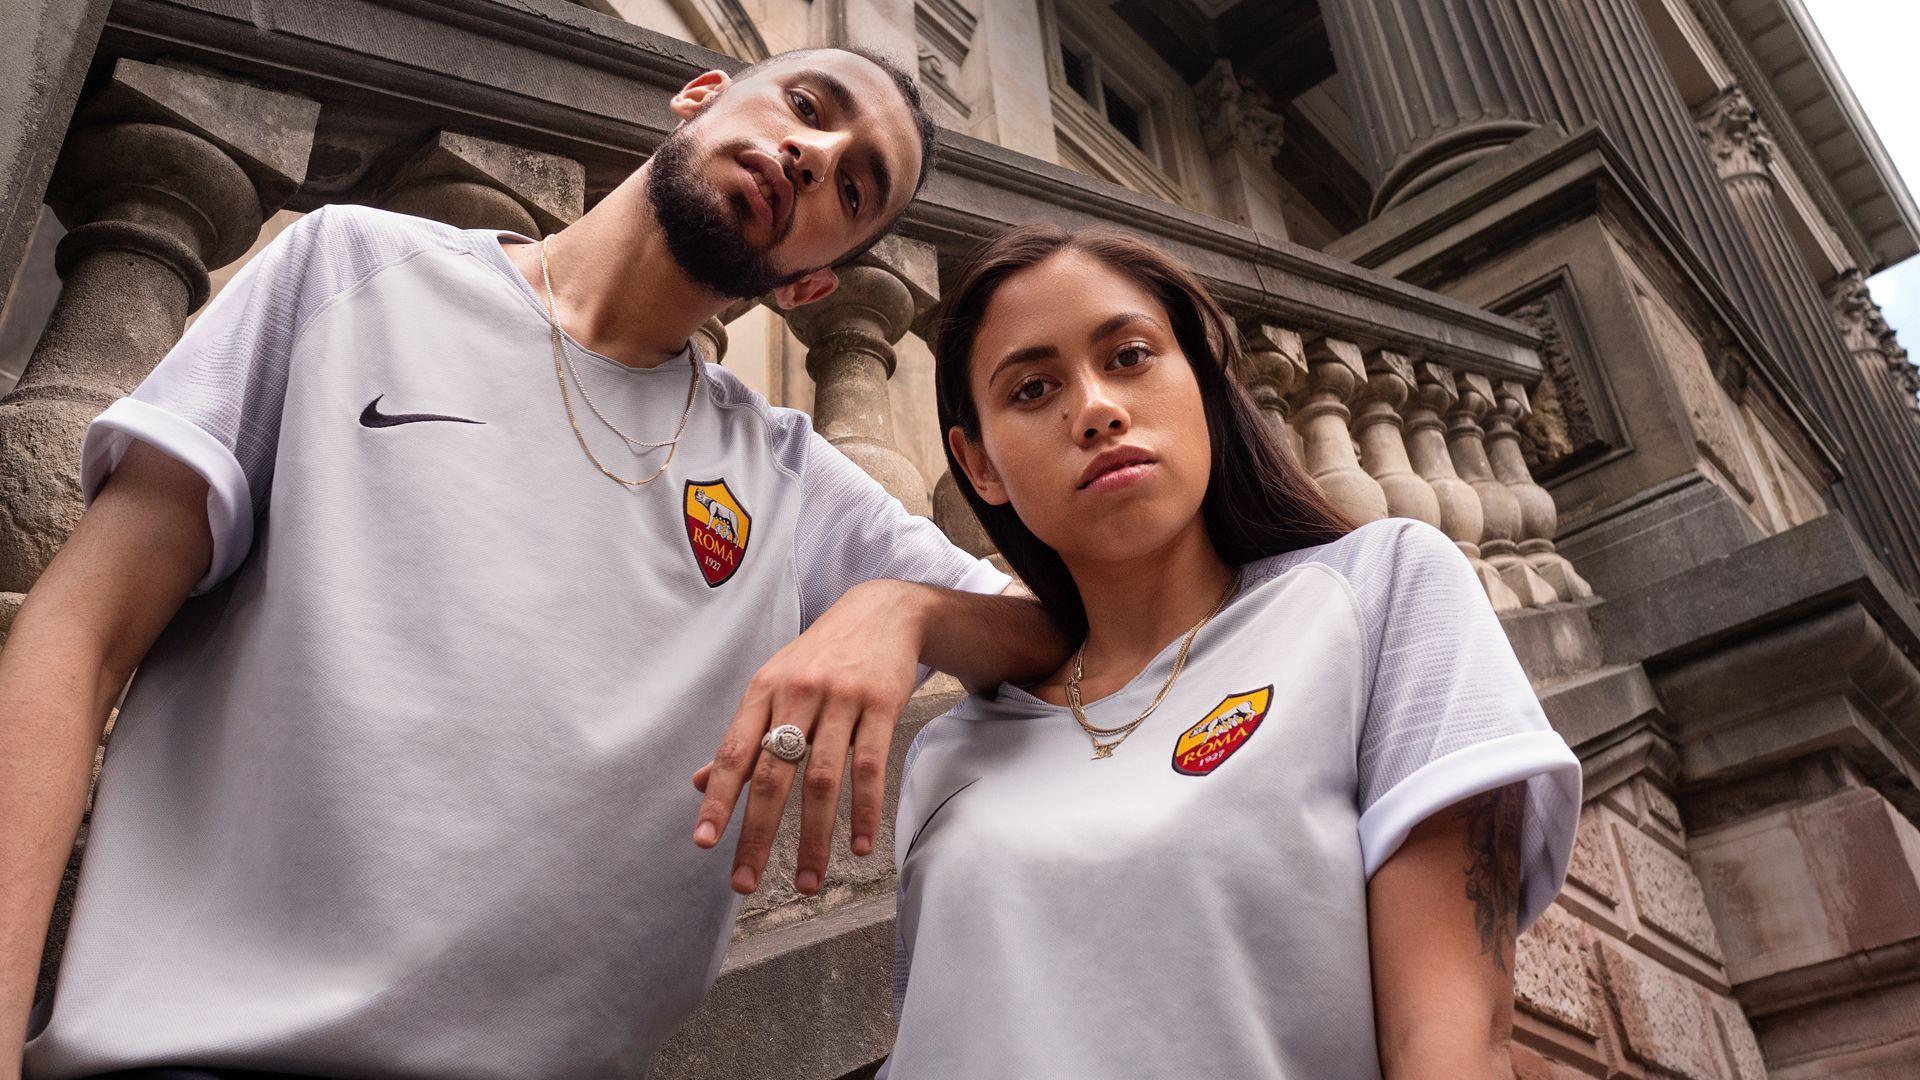 929c31049f9 2018/19 AS Roma Stadium Away Kit. Nike.com GB